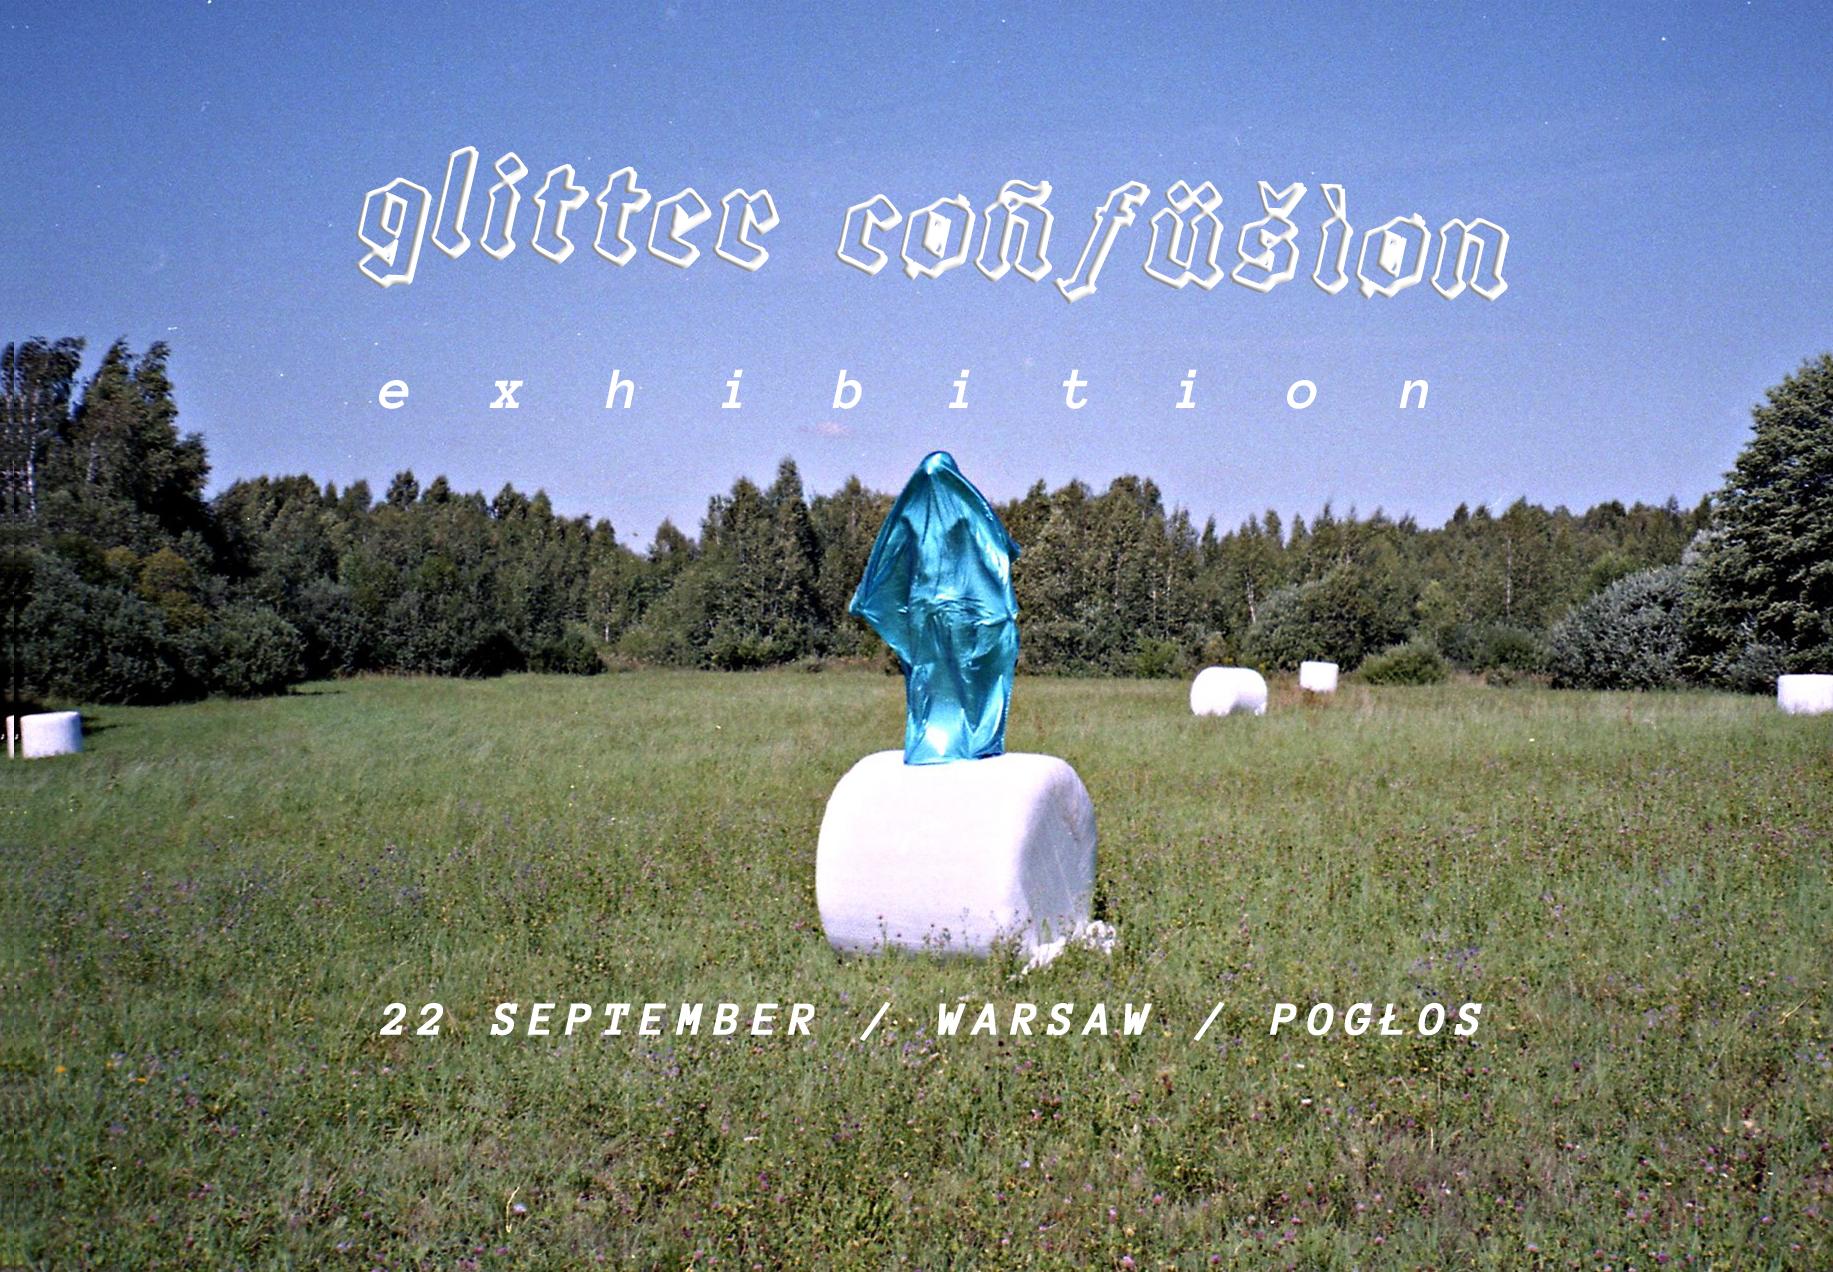 Plakat promujący wystawę Glitter Confusion